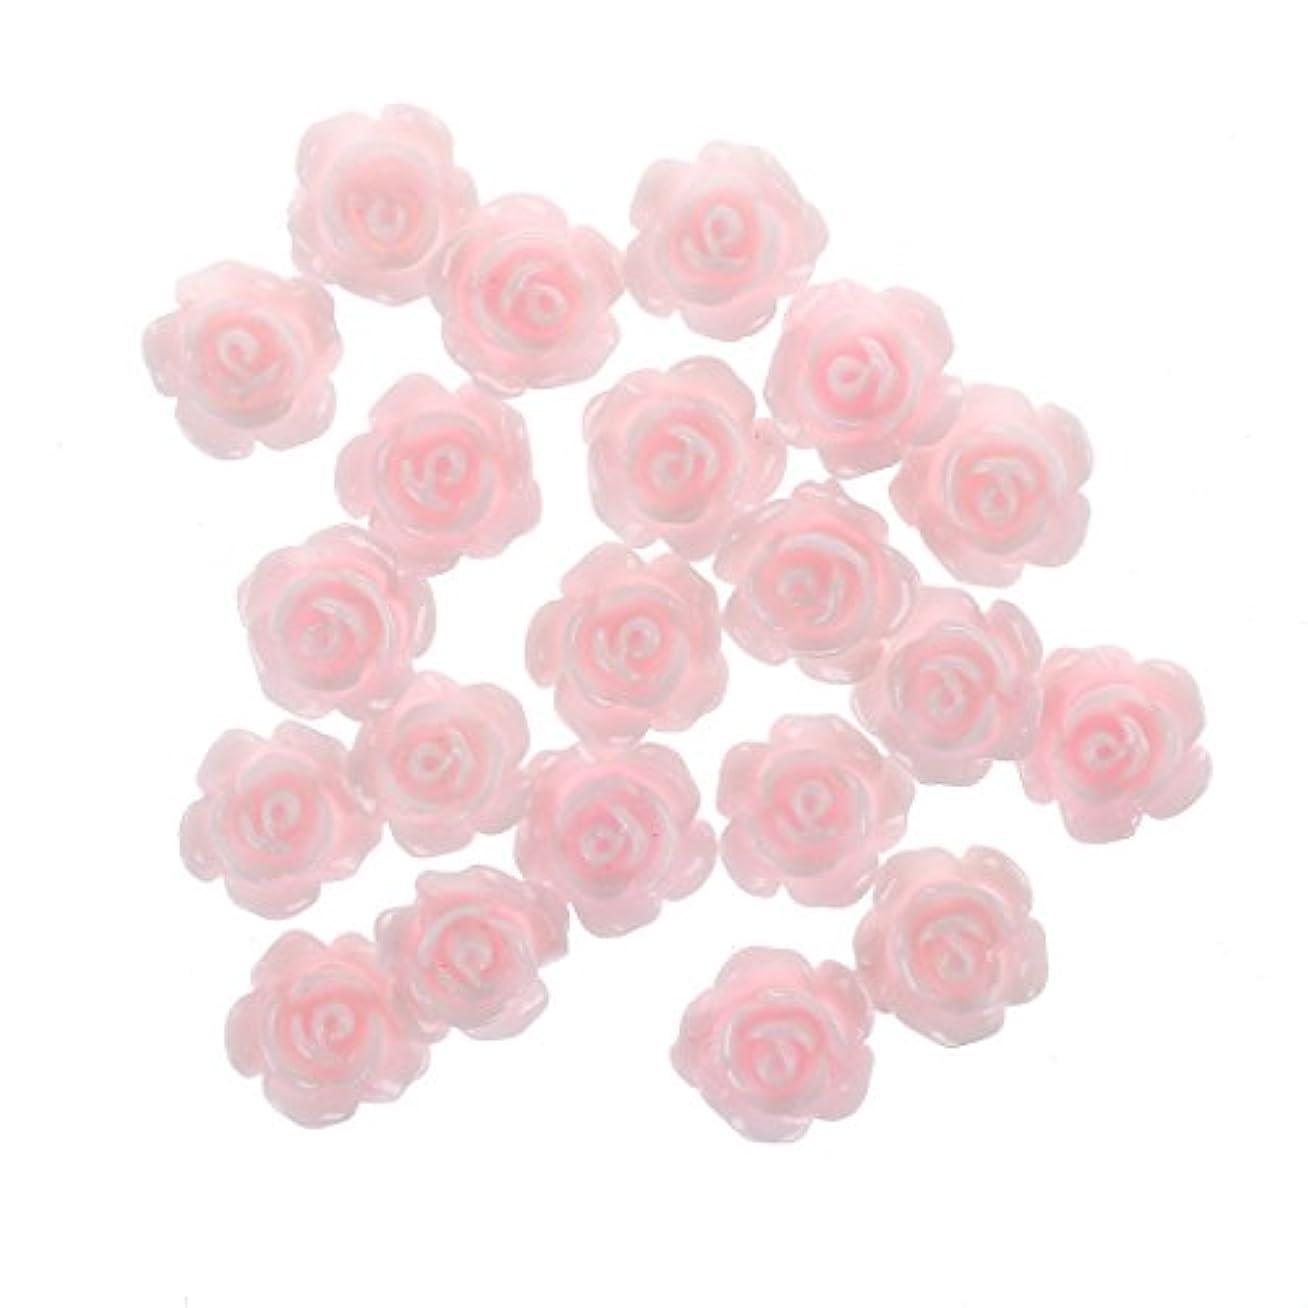 ベンチ自分自身ピカソGaoominy 20x3Dピンクの小さいバラ ラインストーン付きネイルアート装飾